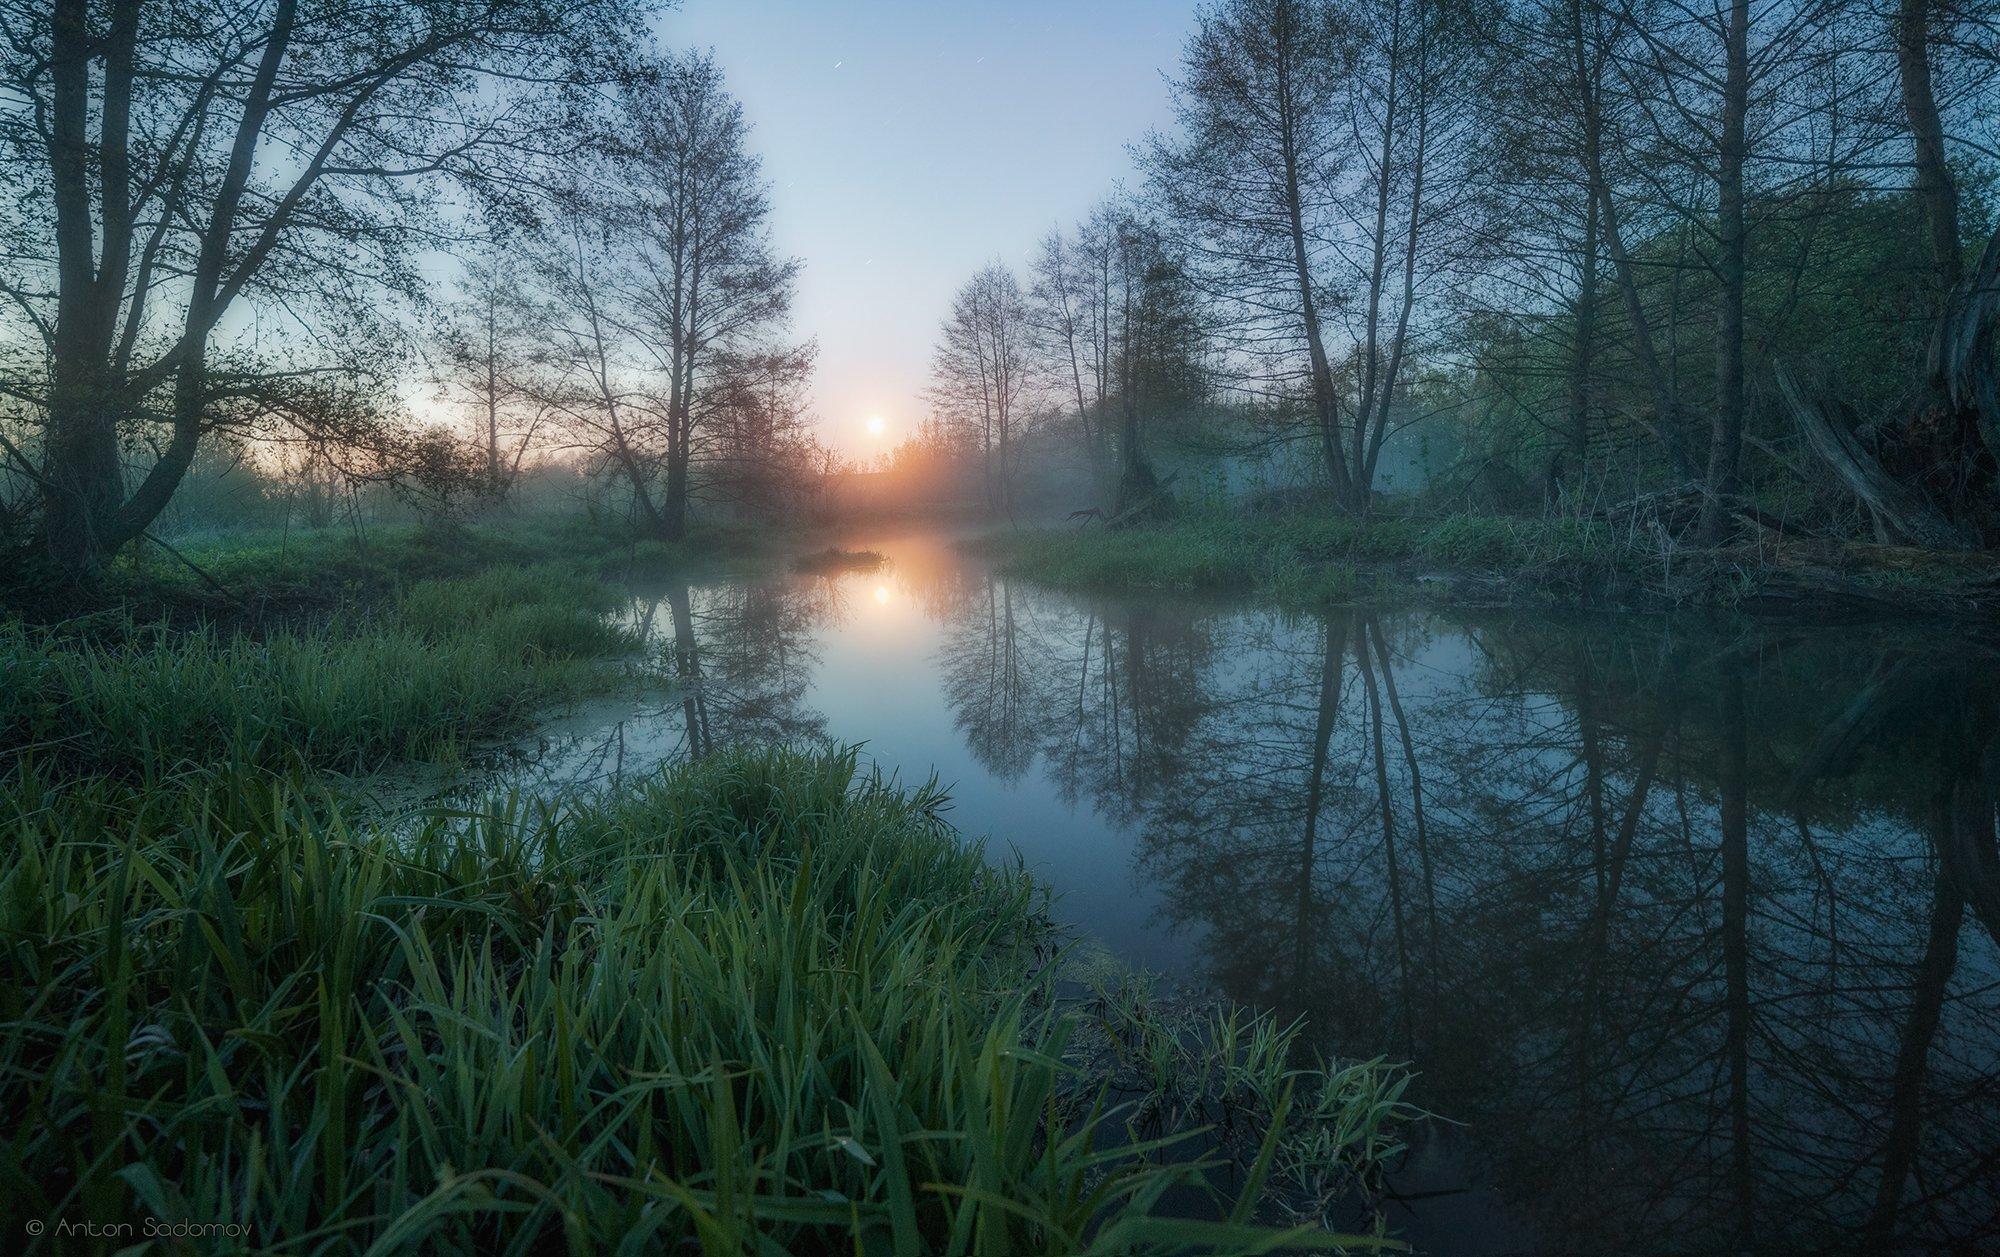 пейзаж, рассвет, лес, река, вода, деревья, татищево, долга, саратов, Антон Садомов